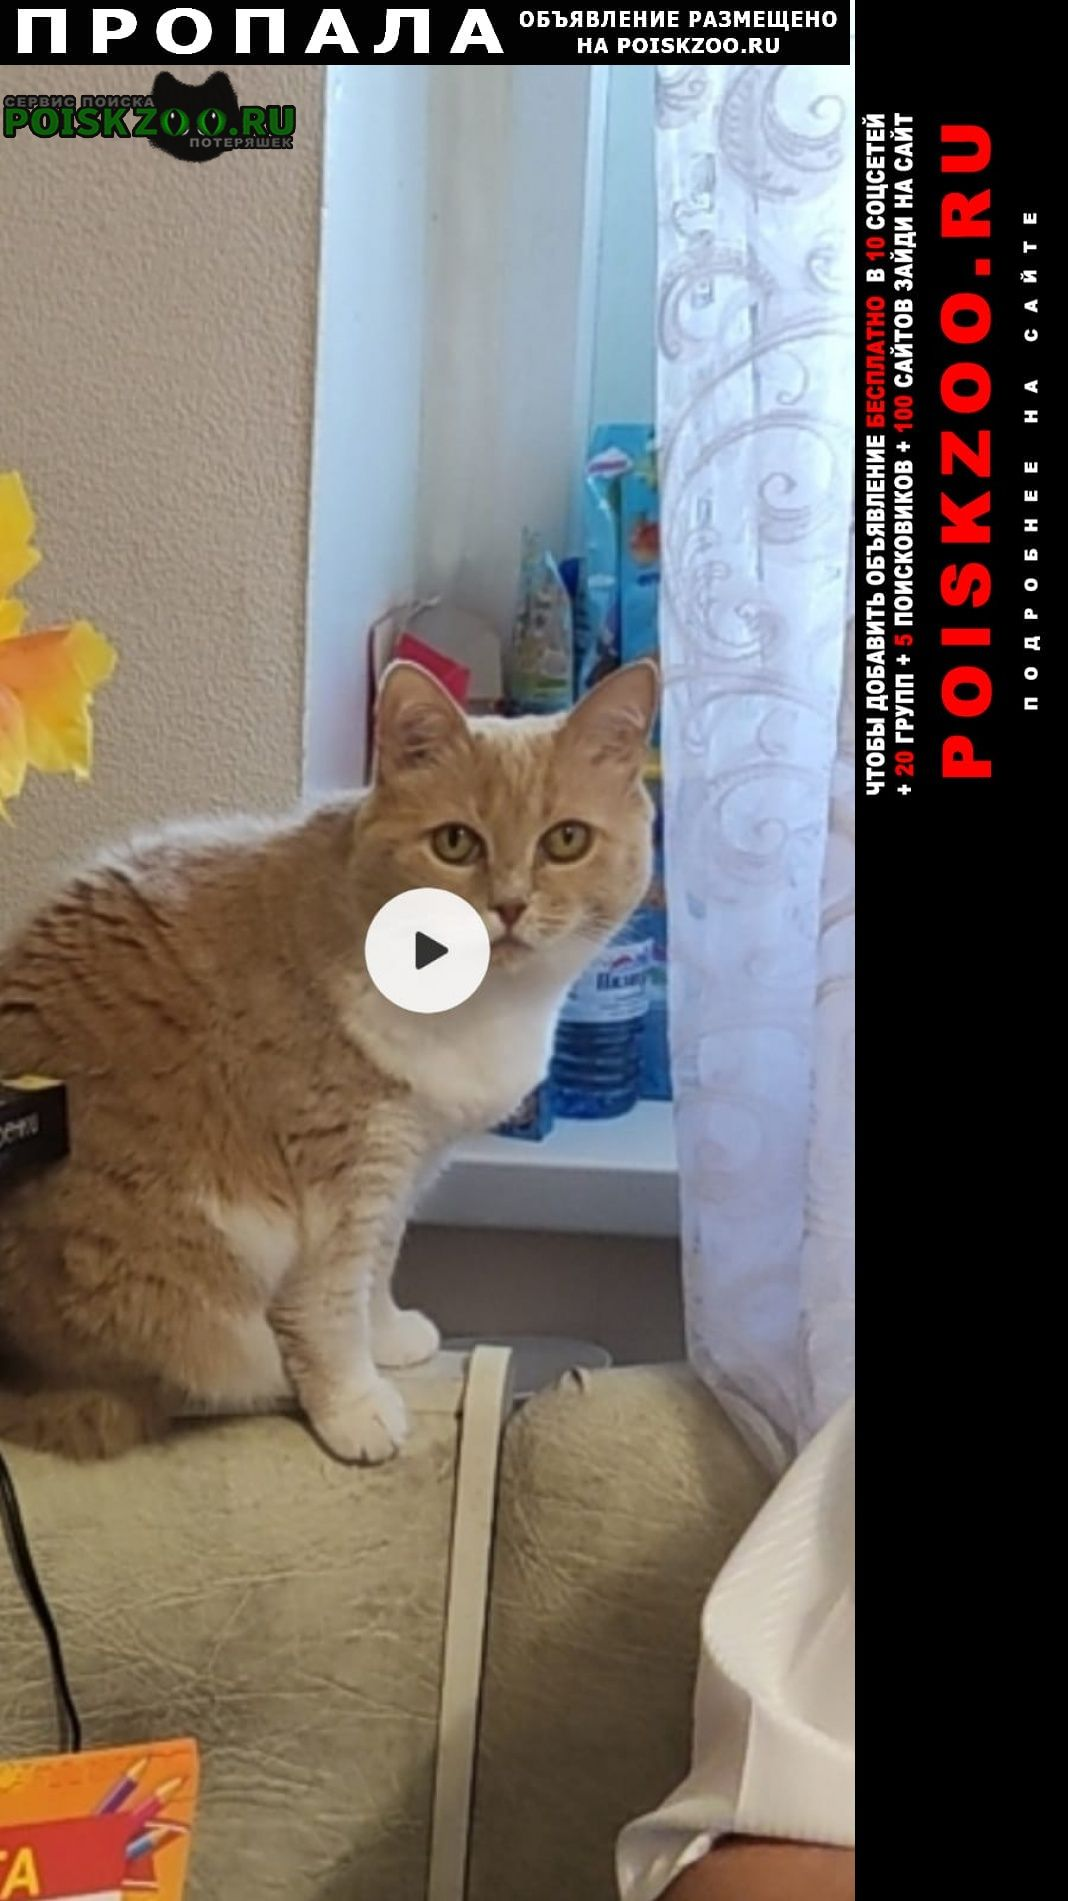 Пропала кошка маша Иваново